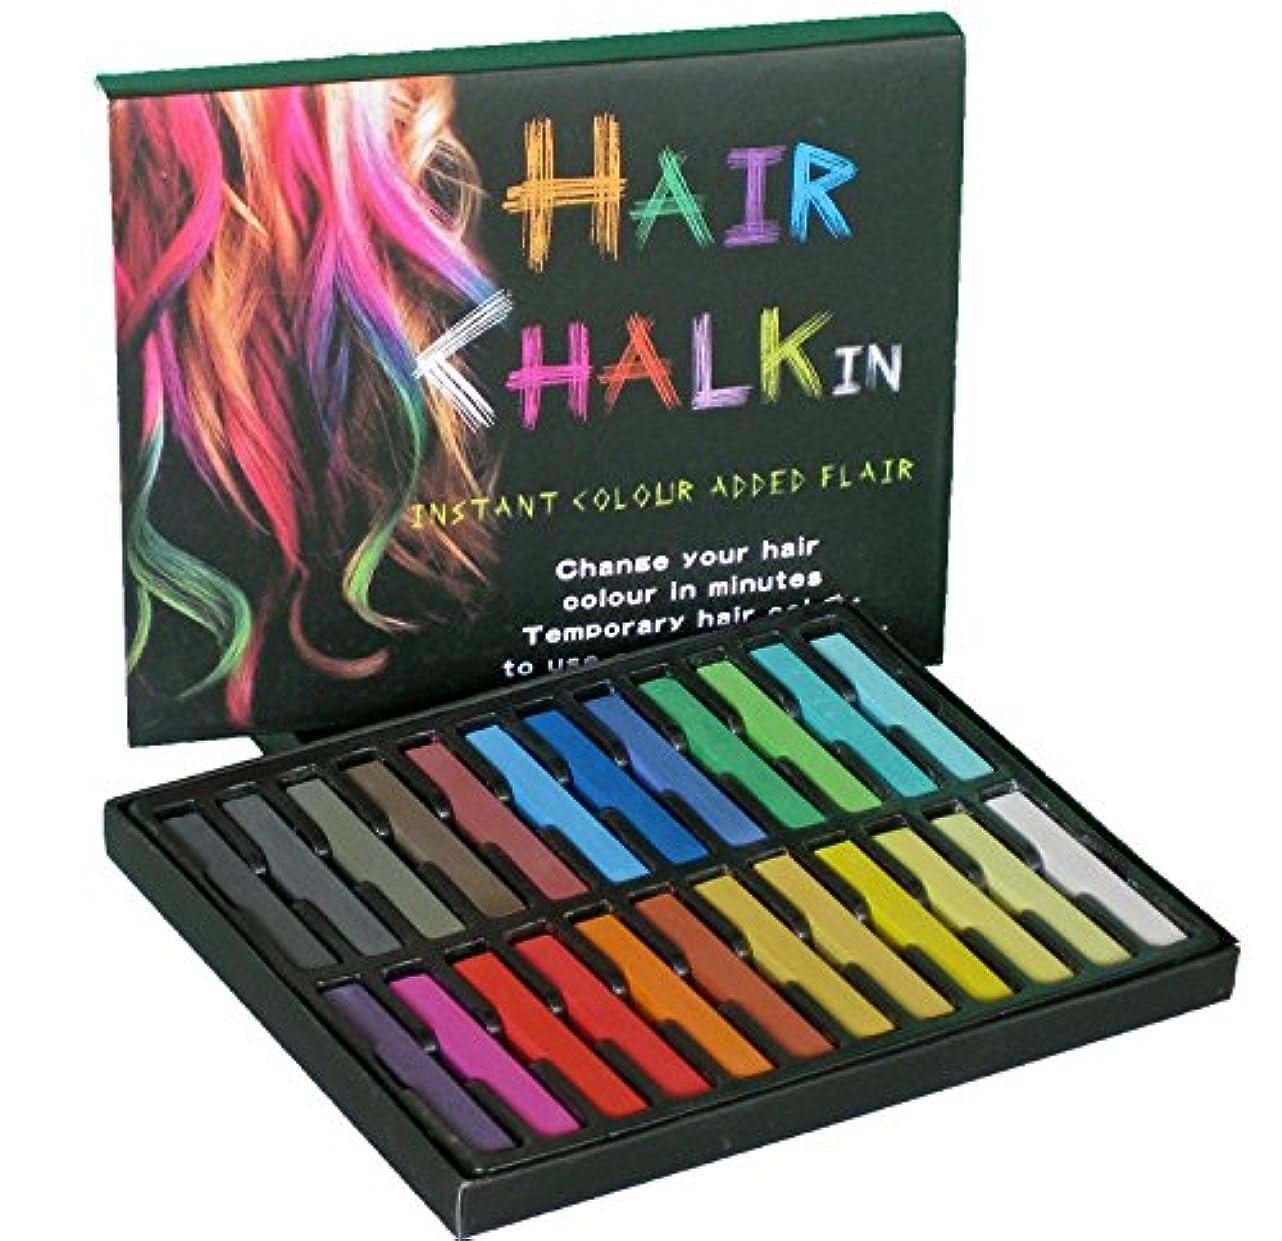 敬な基本的な器用【24色】ヘアチョーク ヘアカラーチョーク アメリカで人気!お湯で落ちる簡易髪染 一日だけの髪染め パステルチョーク Hair color chalk